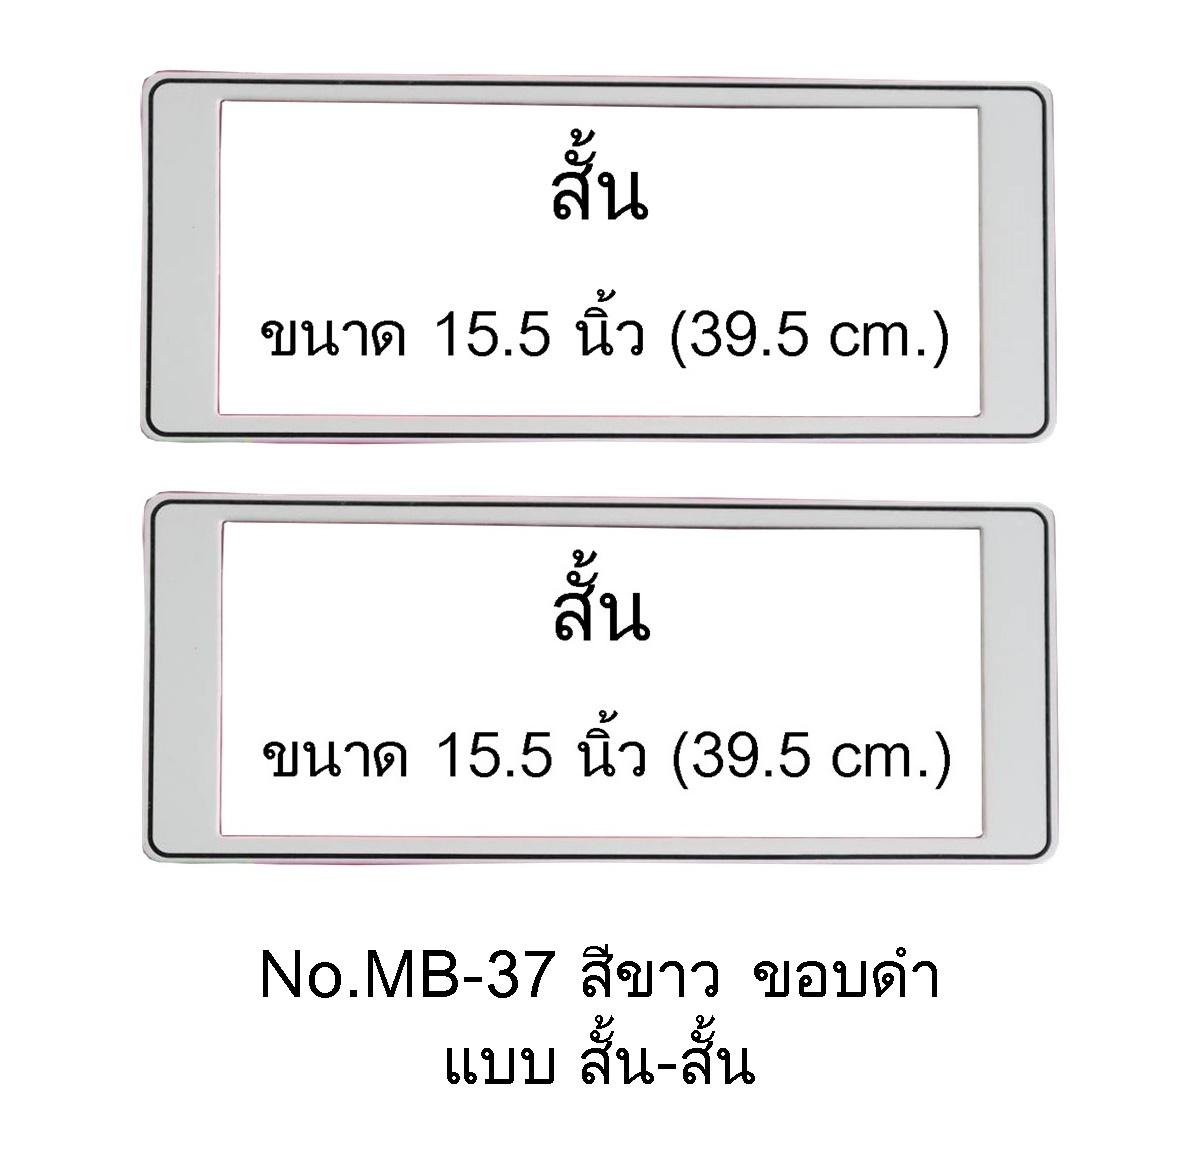 กรอบป้ายทะเบียนกันน้ำ MB-37 สีขาว ขอบดำ สั้น-สั้น ไม่มีเส้นกลาง ระบบคลิปล็อค 8 จุด พร้อมน็อตอะไหล่